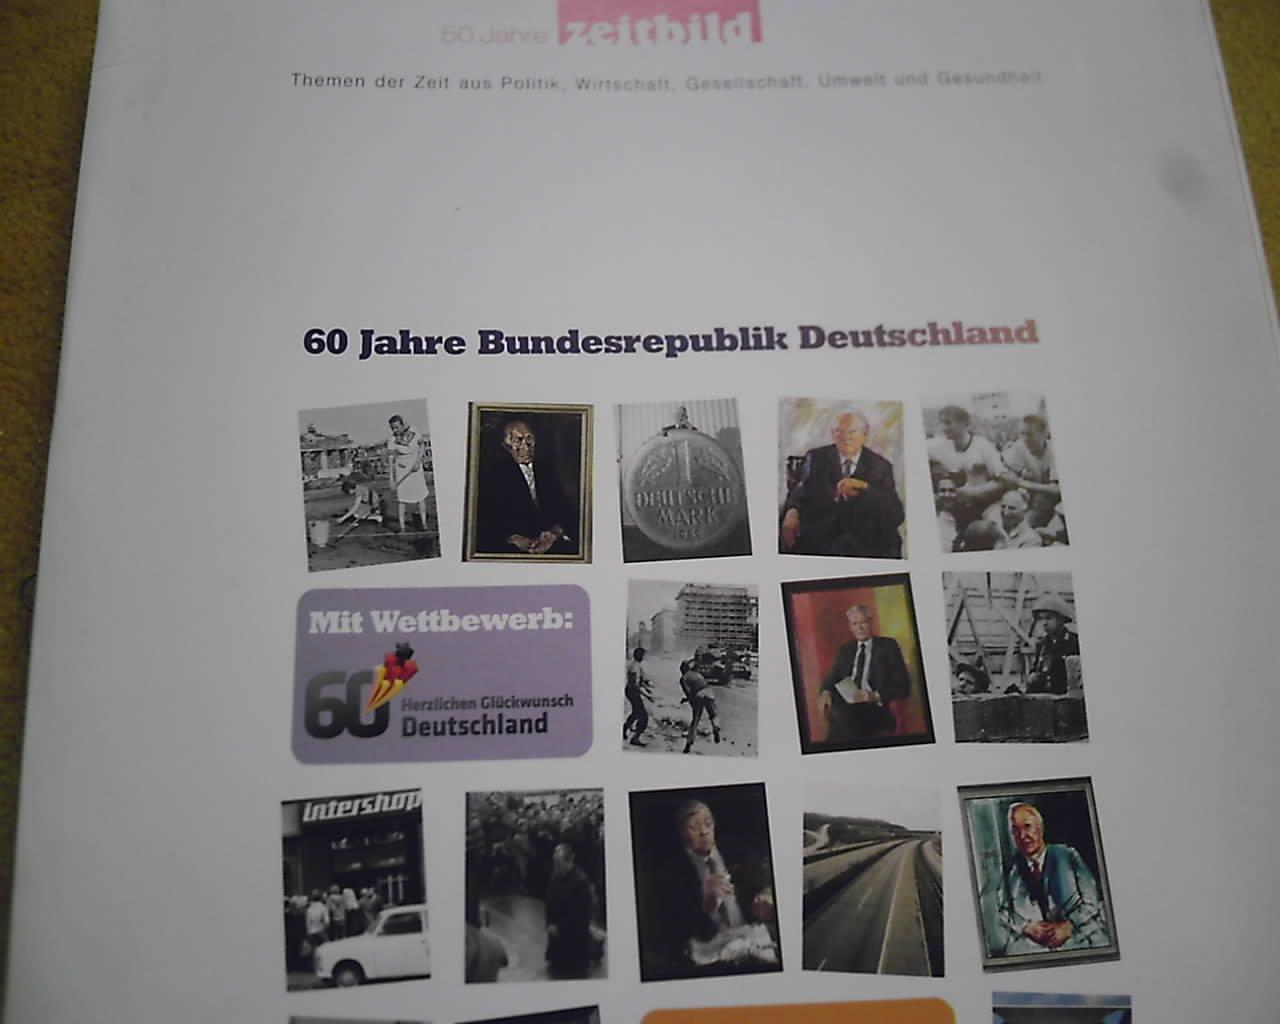 Gebrauchtes Buch 60 Jahre Bundesrepublik Deutschland